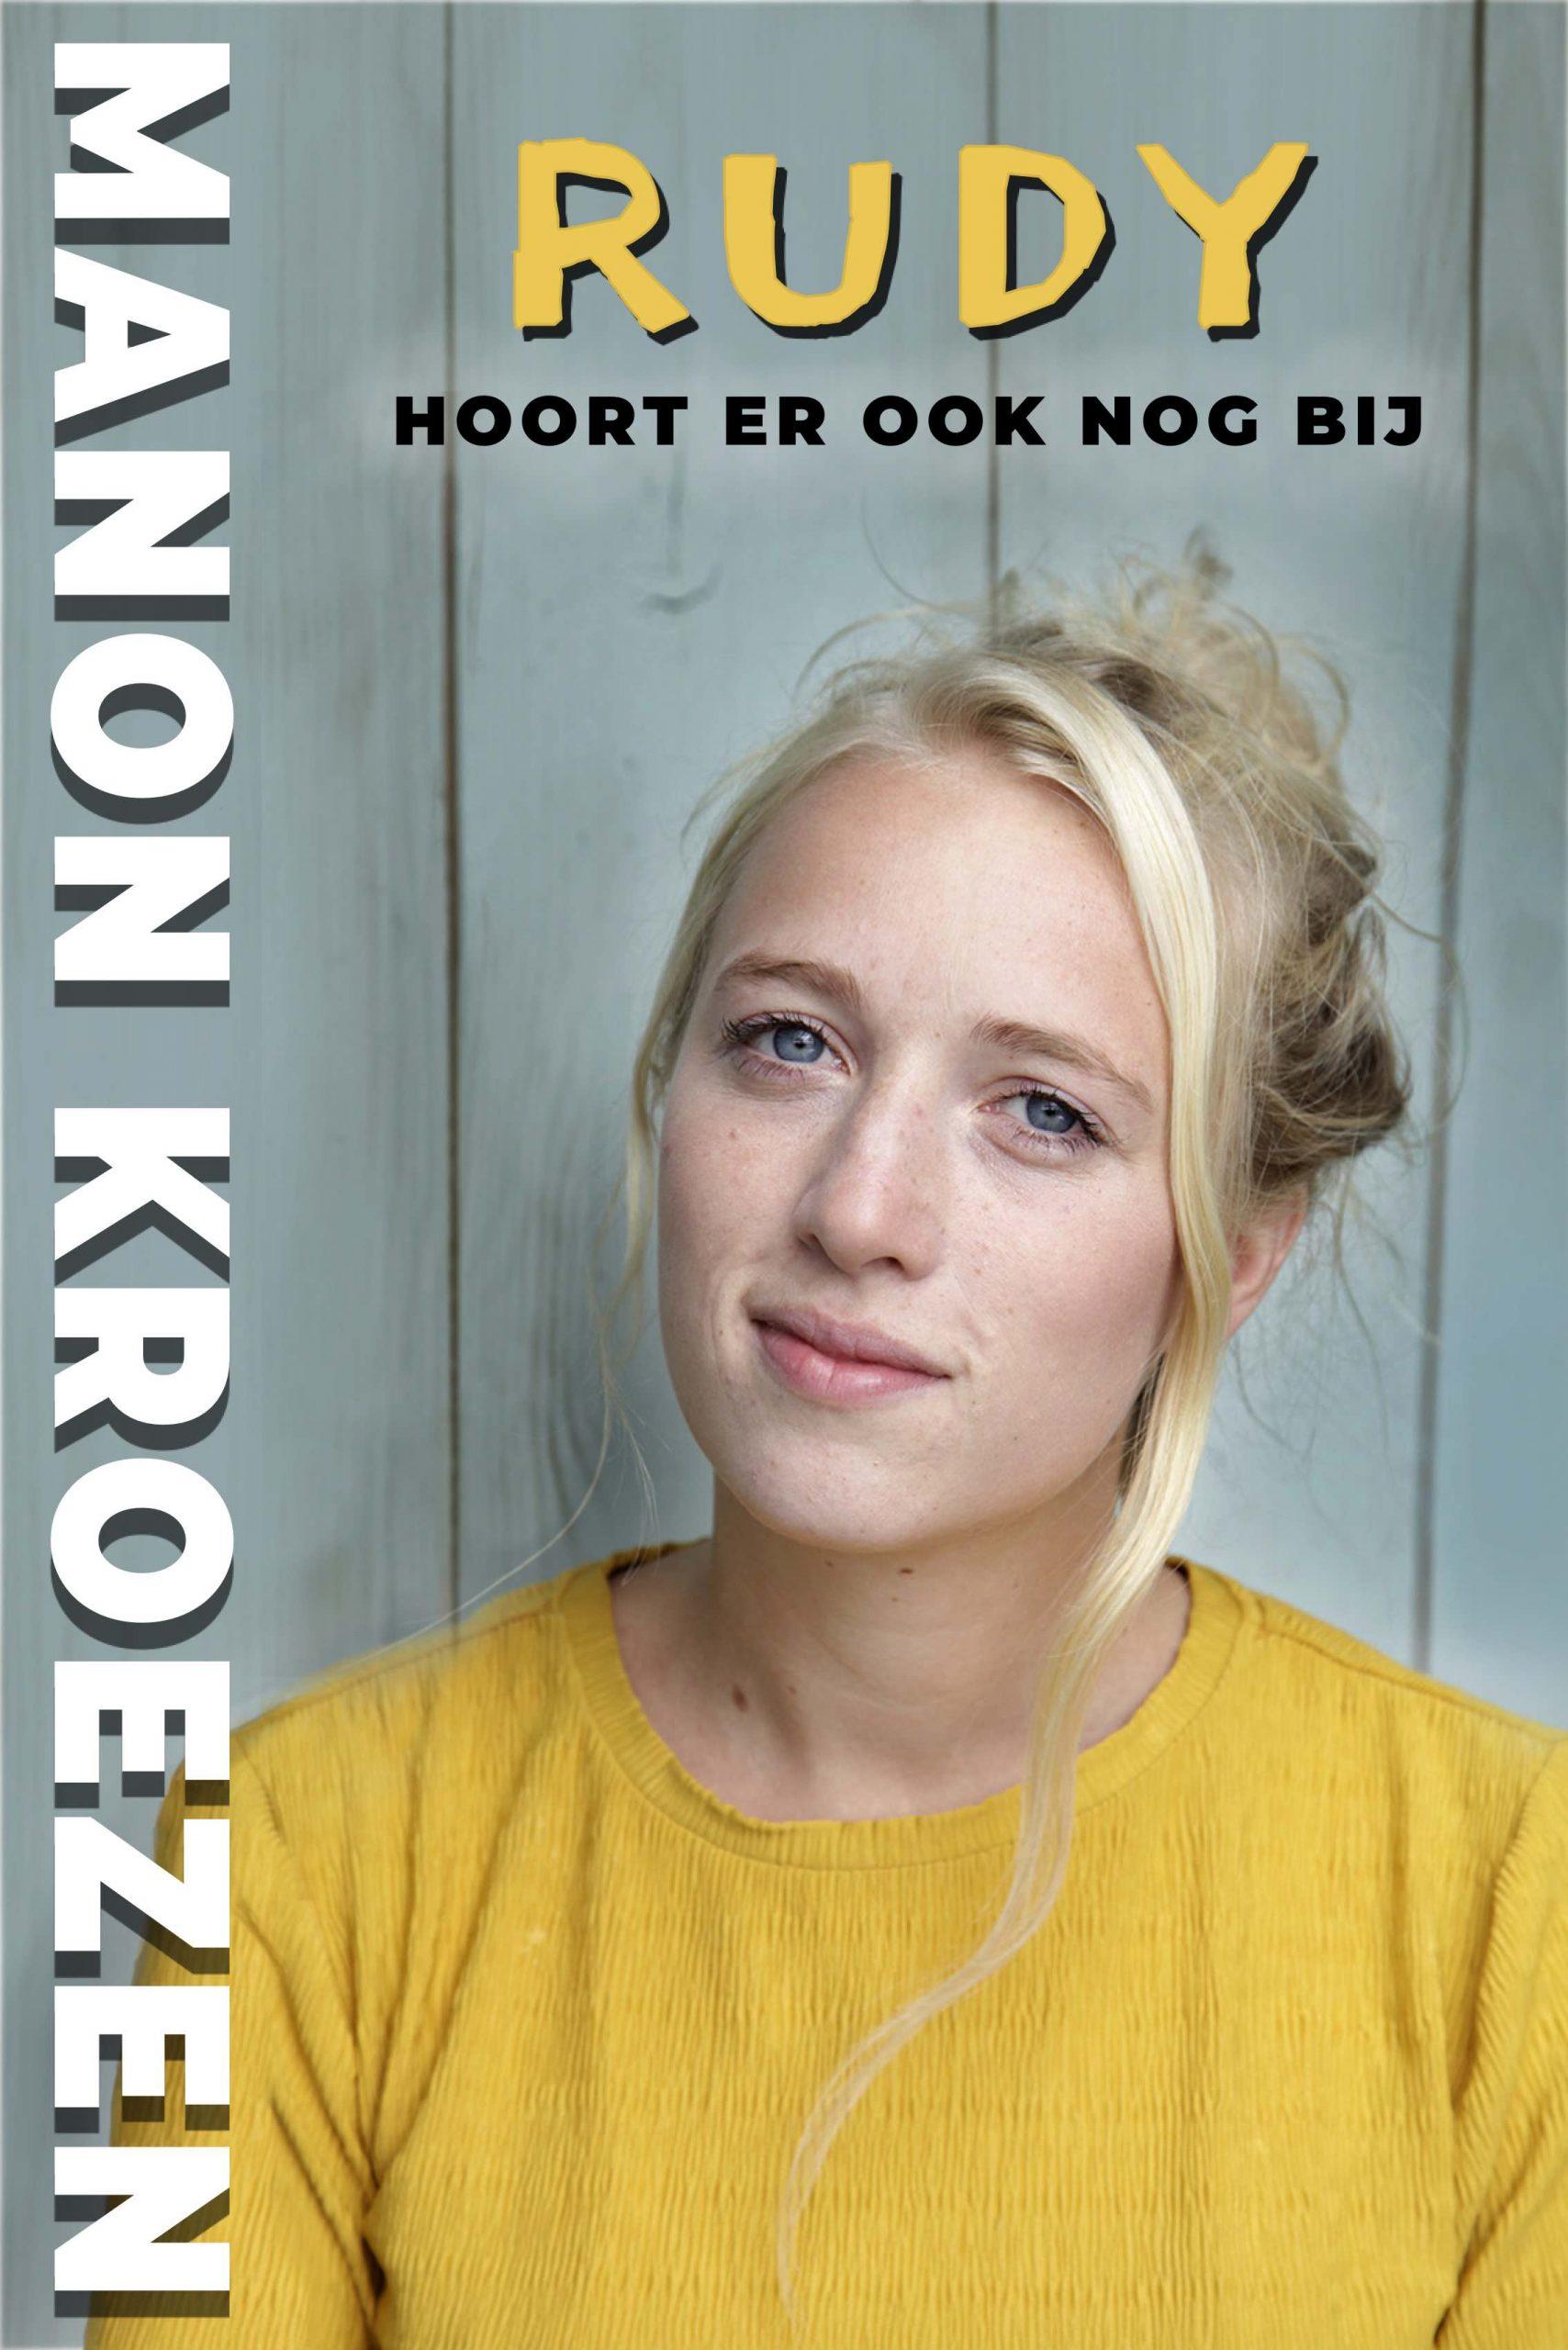 Manon Kroezen: Rudy hoort er ook nog bij @ Theater Idea